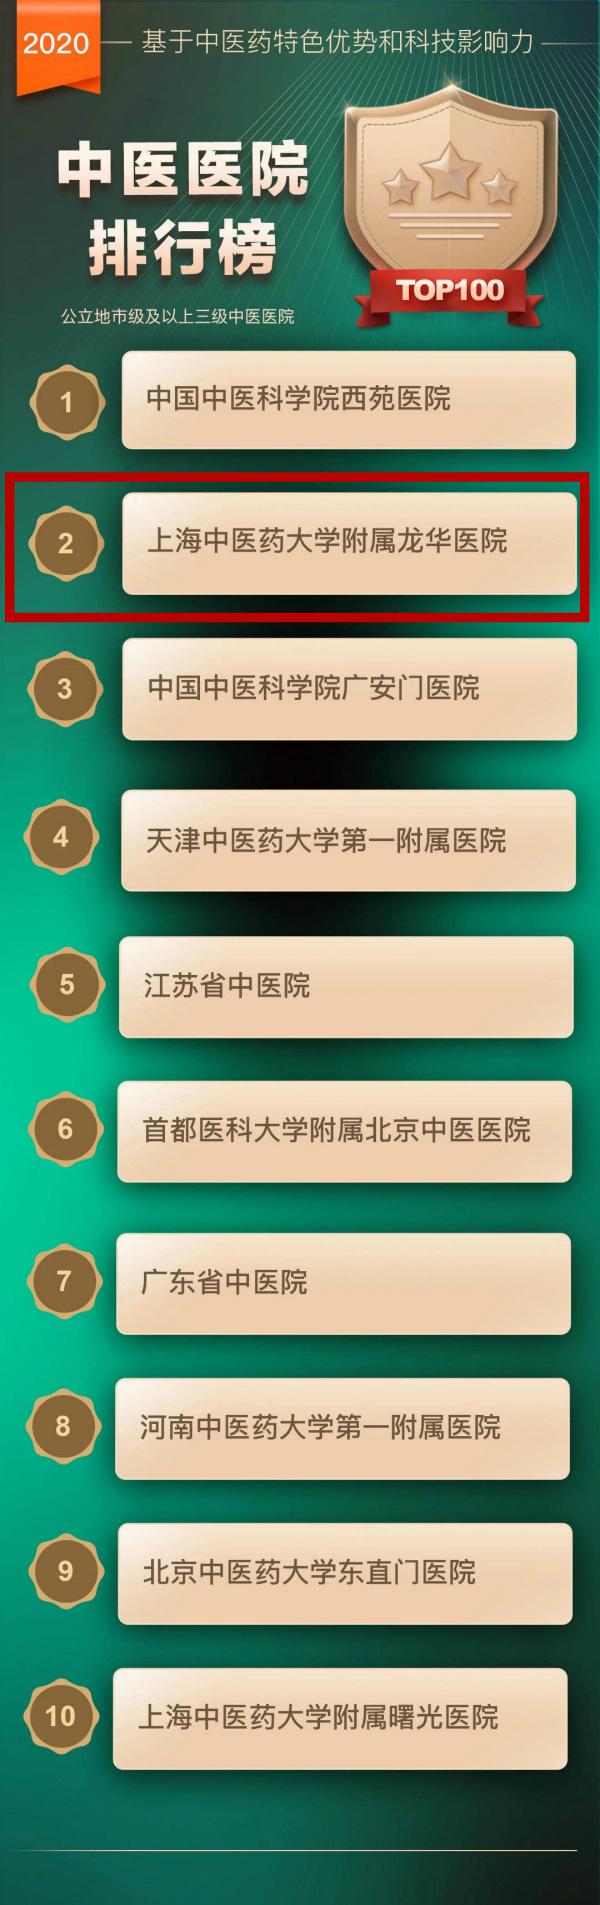 中医排行榜_河北省中医医院微信影响力排行榜月榜(2021年4月)榜单来袭